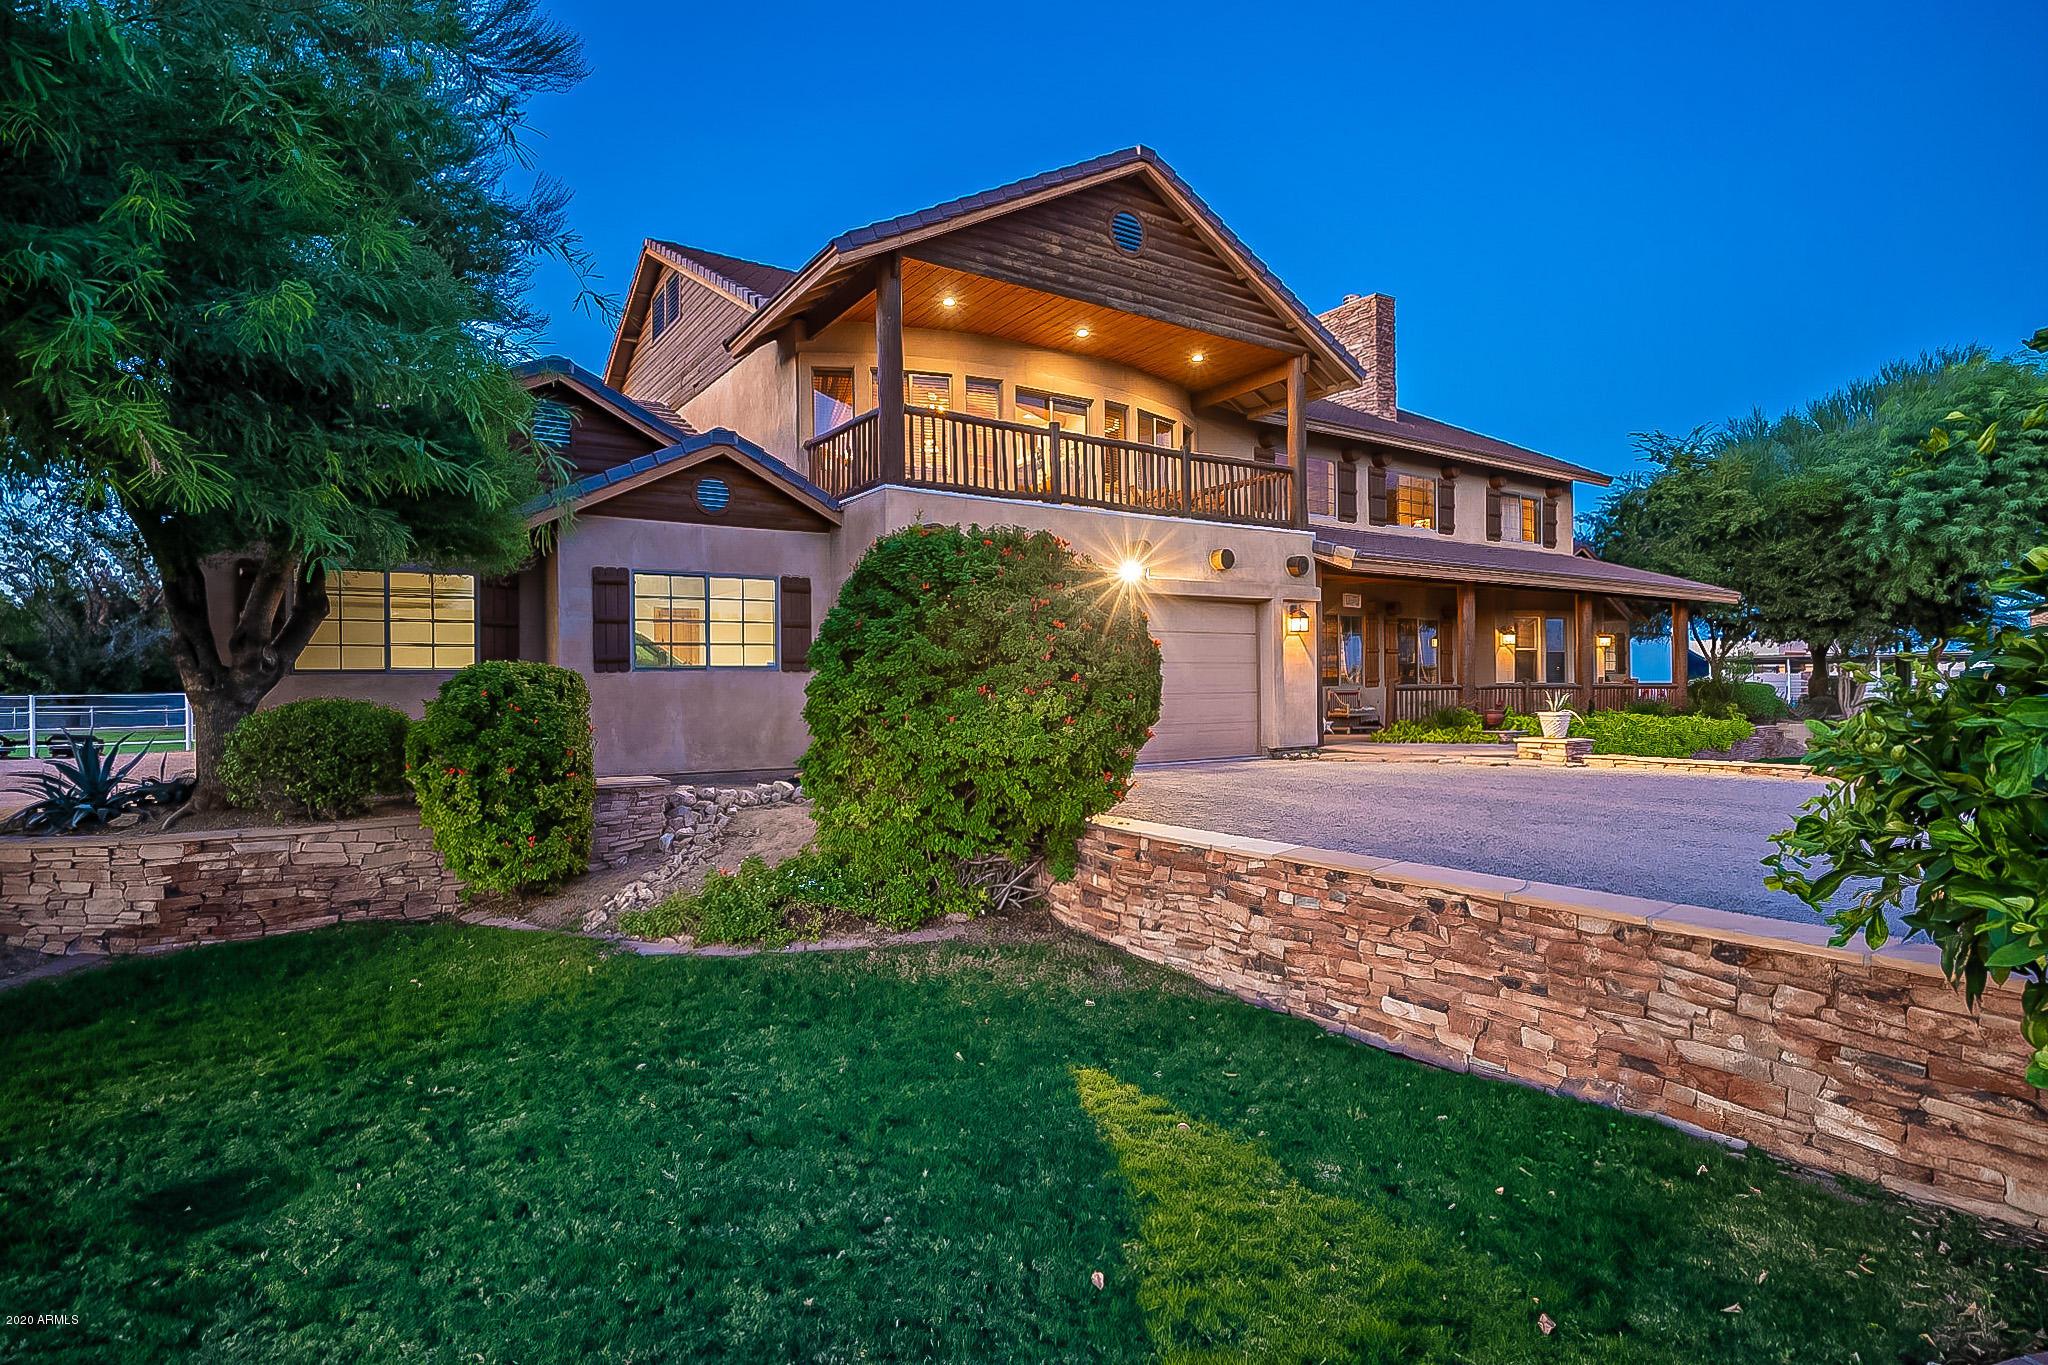 MLS 6140738 24910 S Ellsworth Road, Queen Creek, AZ 85142 Queen Creek AZ Private Pool